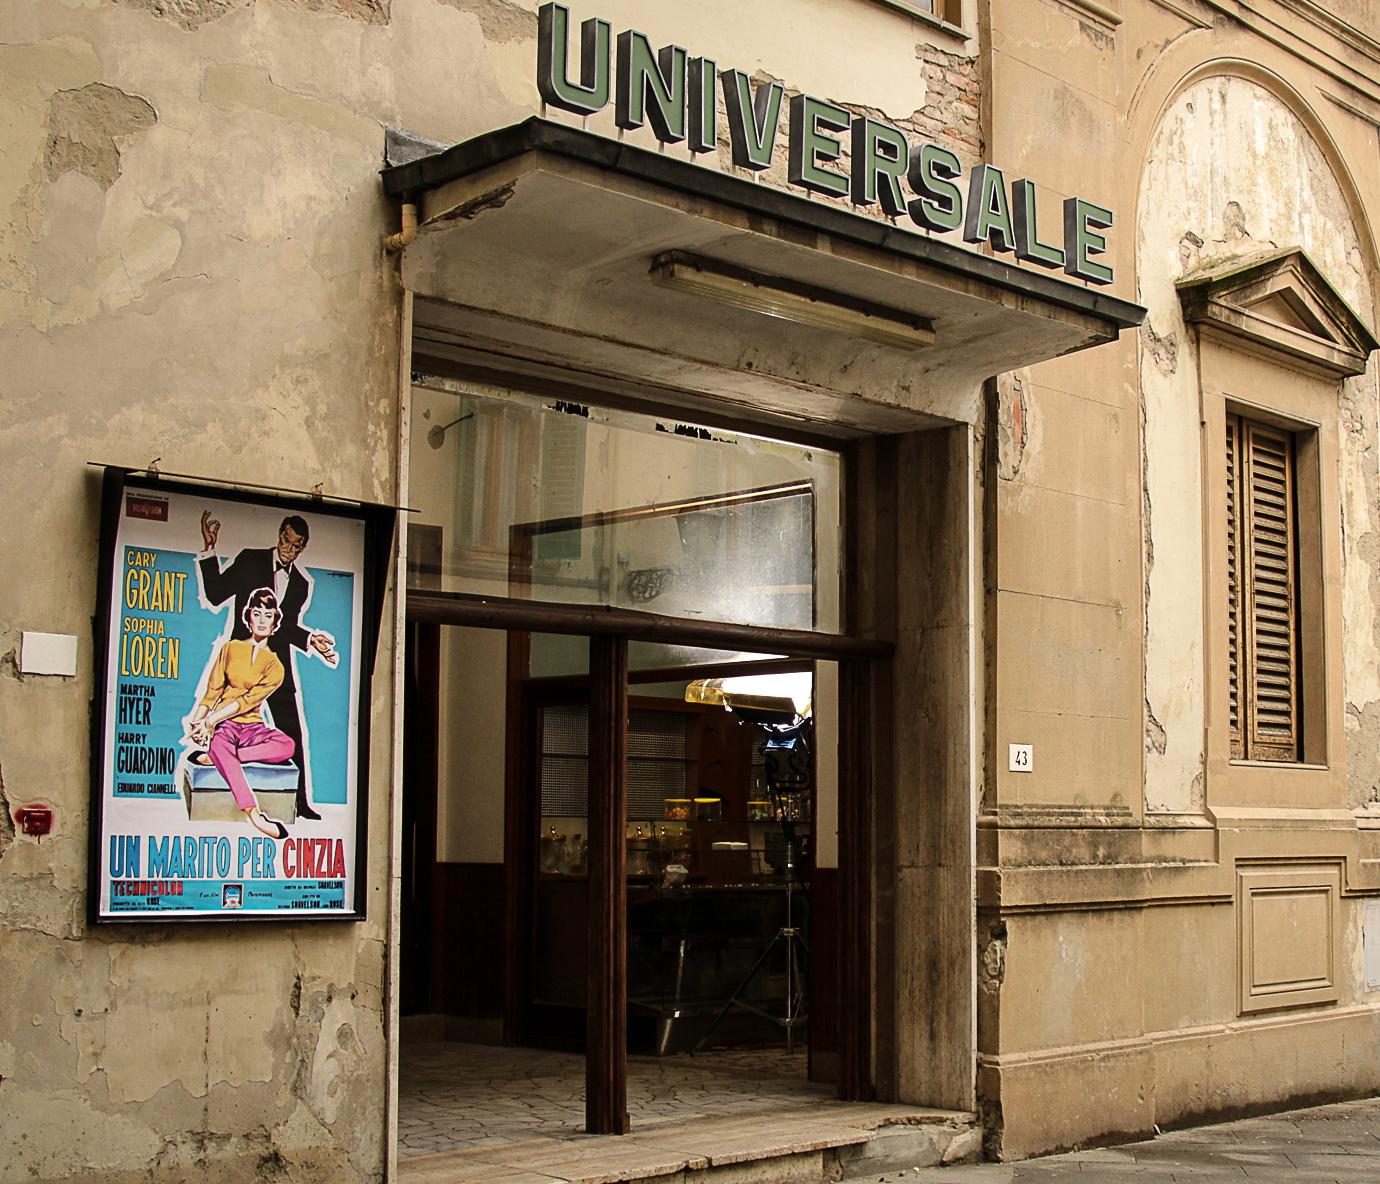 L'Universale: un'immagine dell'esterno del cinema tratta dal film